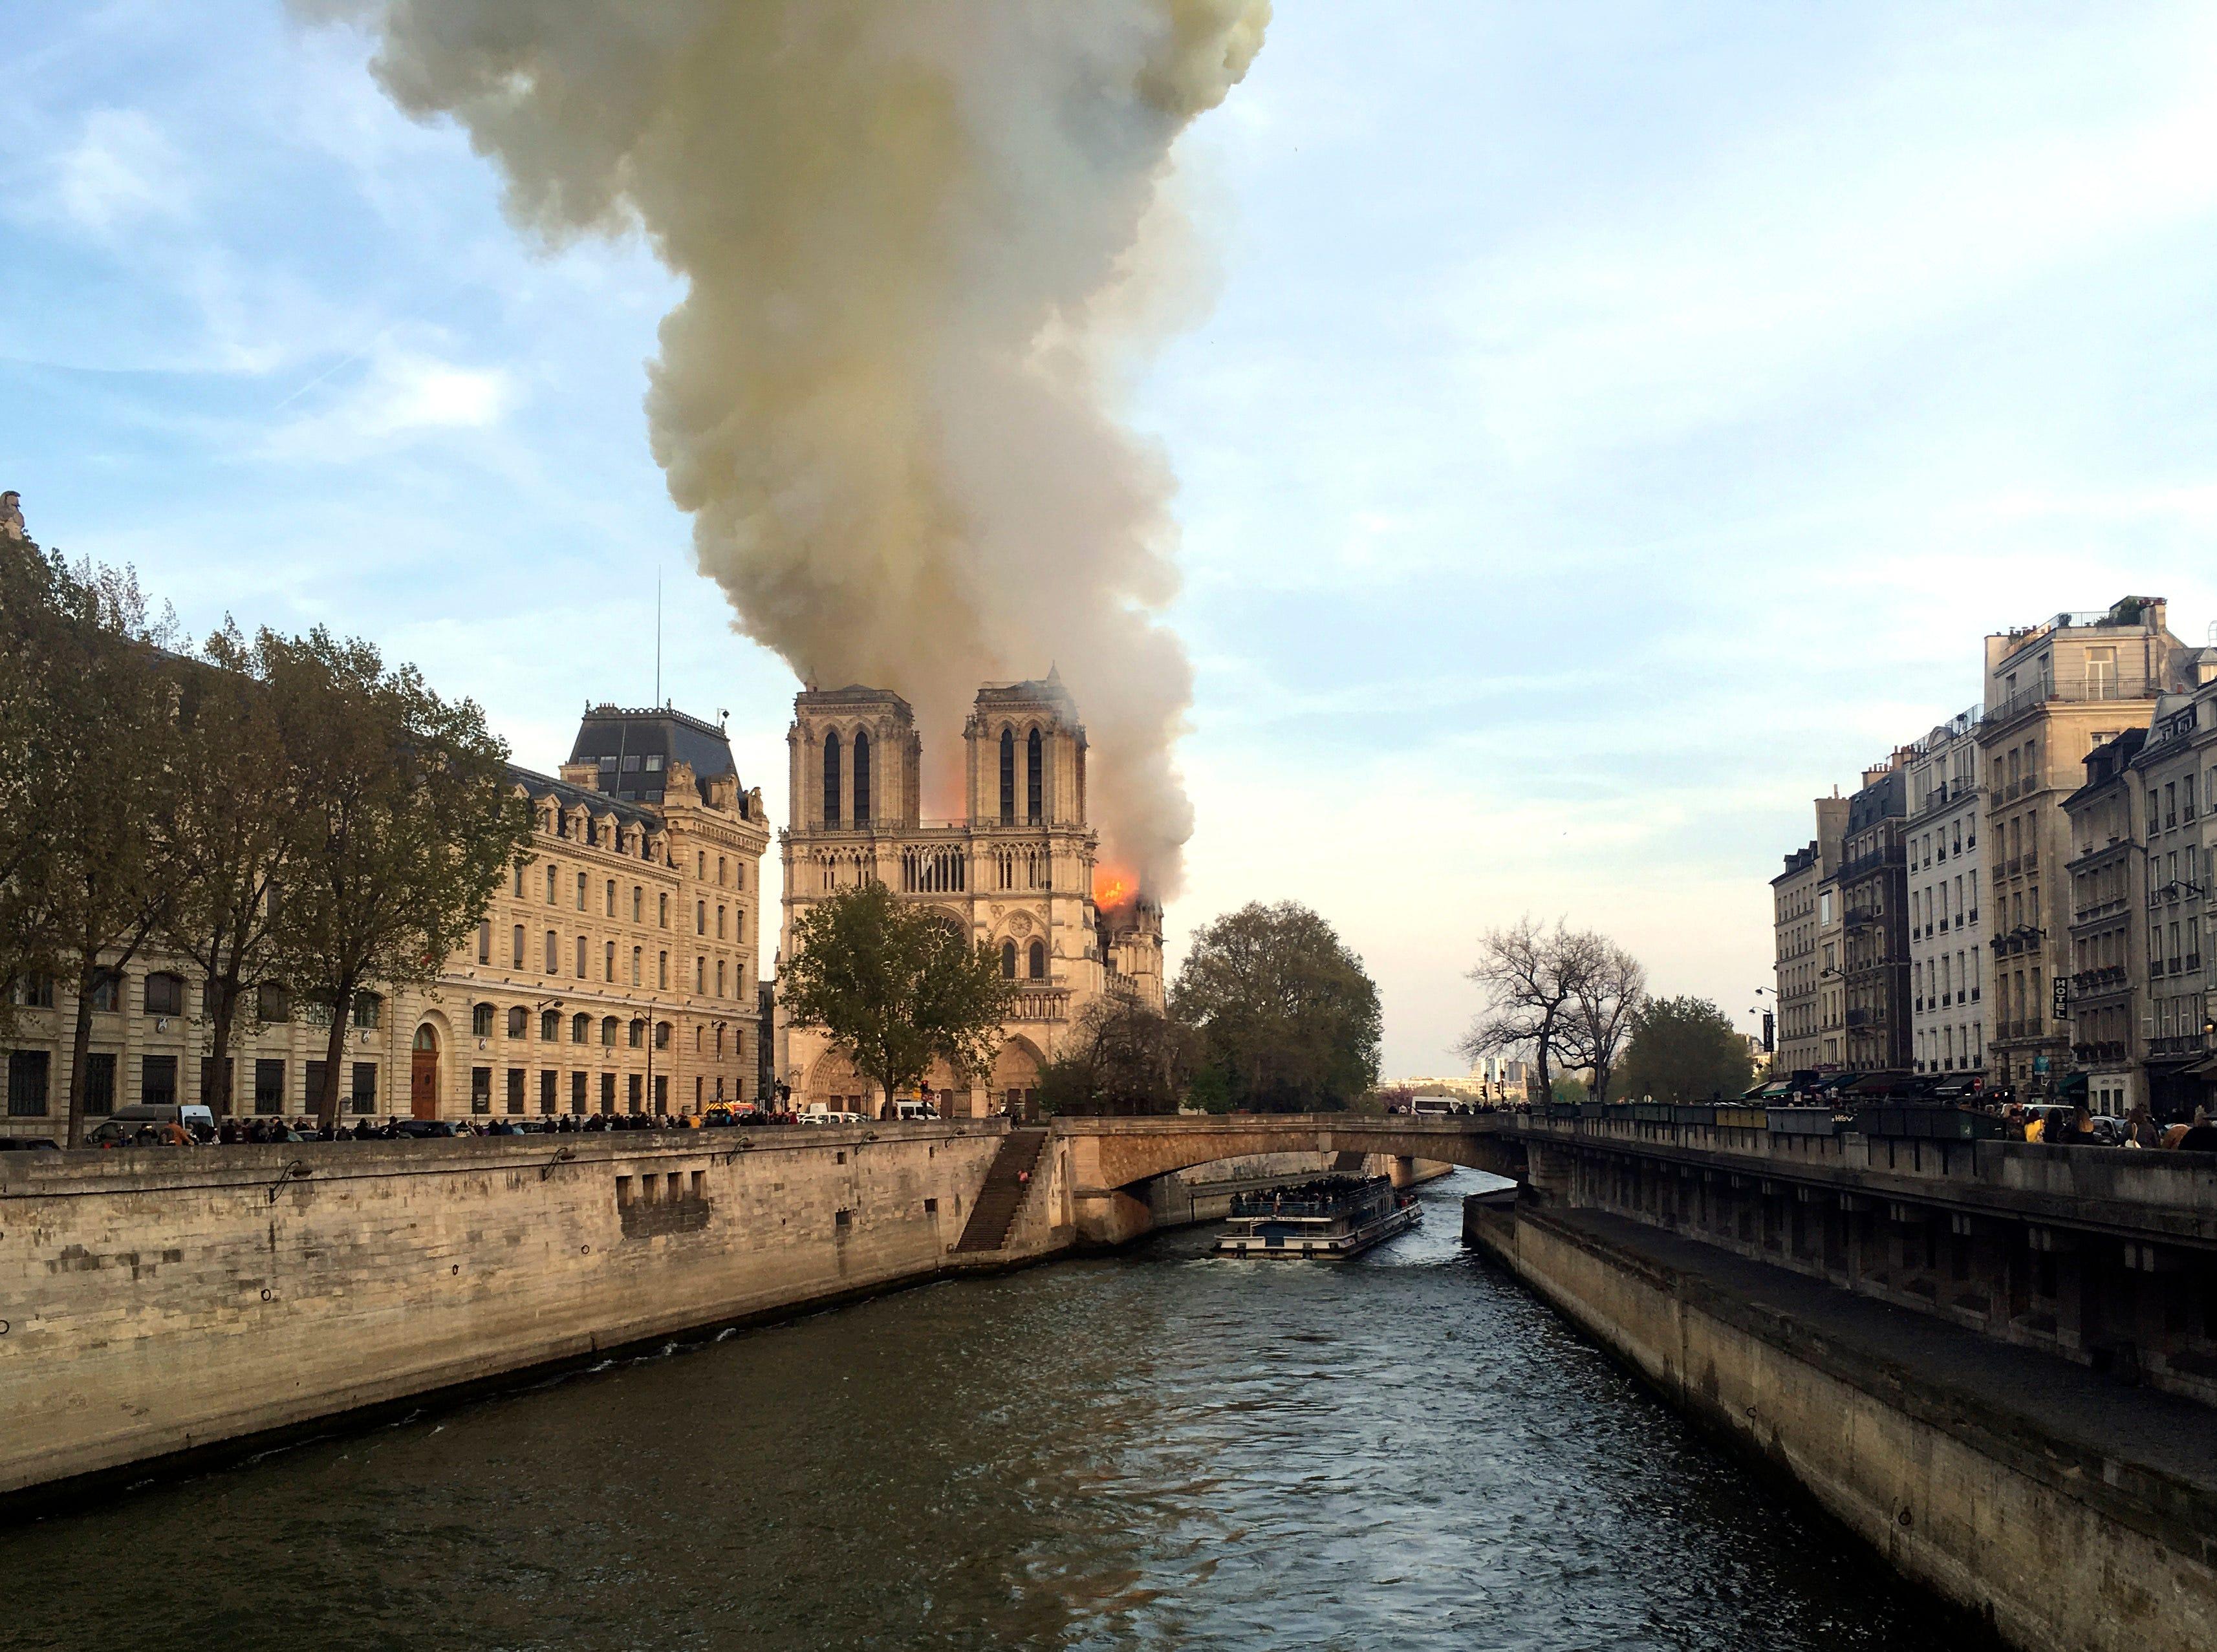 Un incendio estalló el lunes en la Catedral de Notre Dame en París, despidiendo columnas de humo y cenizas sobre los turistas alrededor.